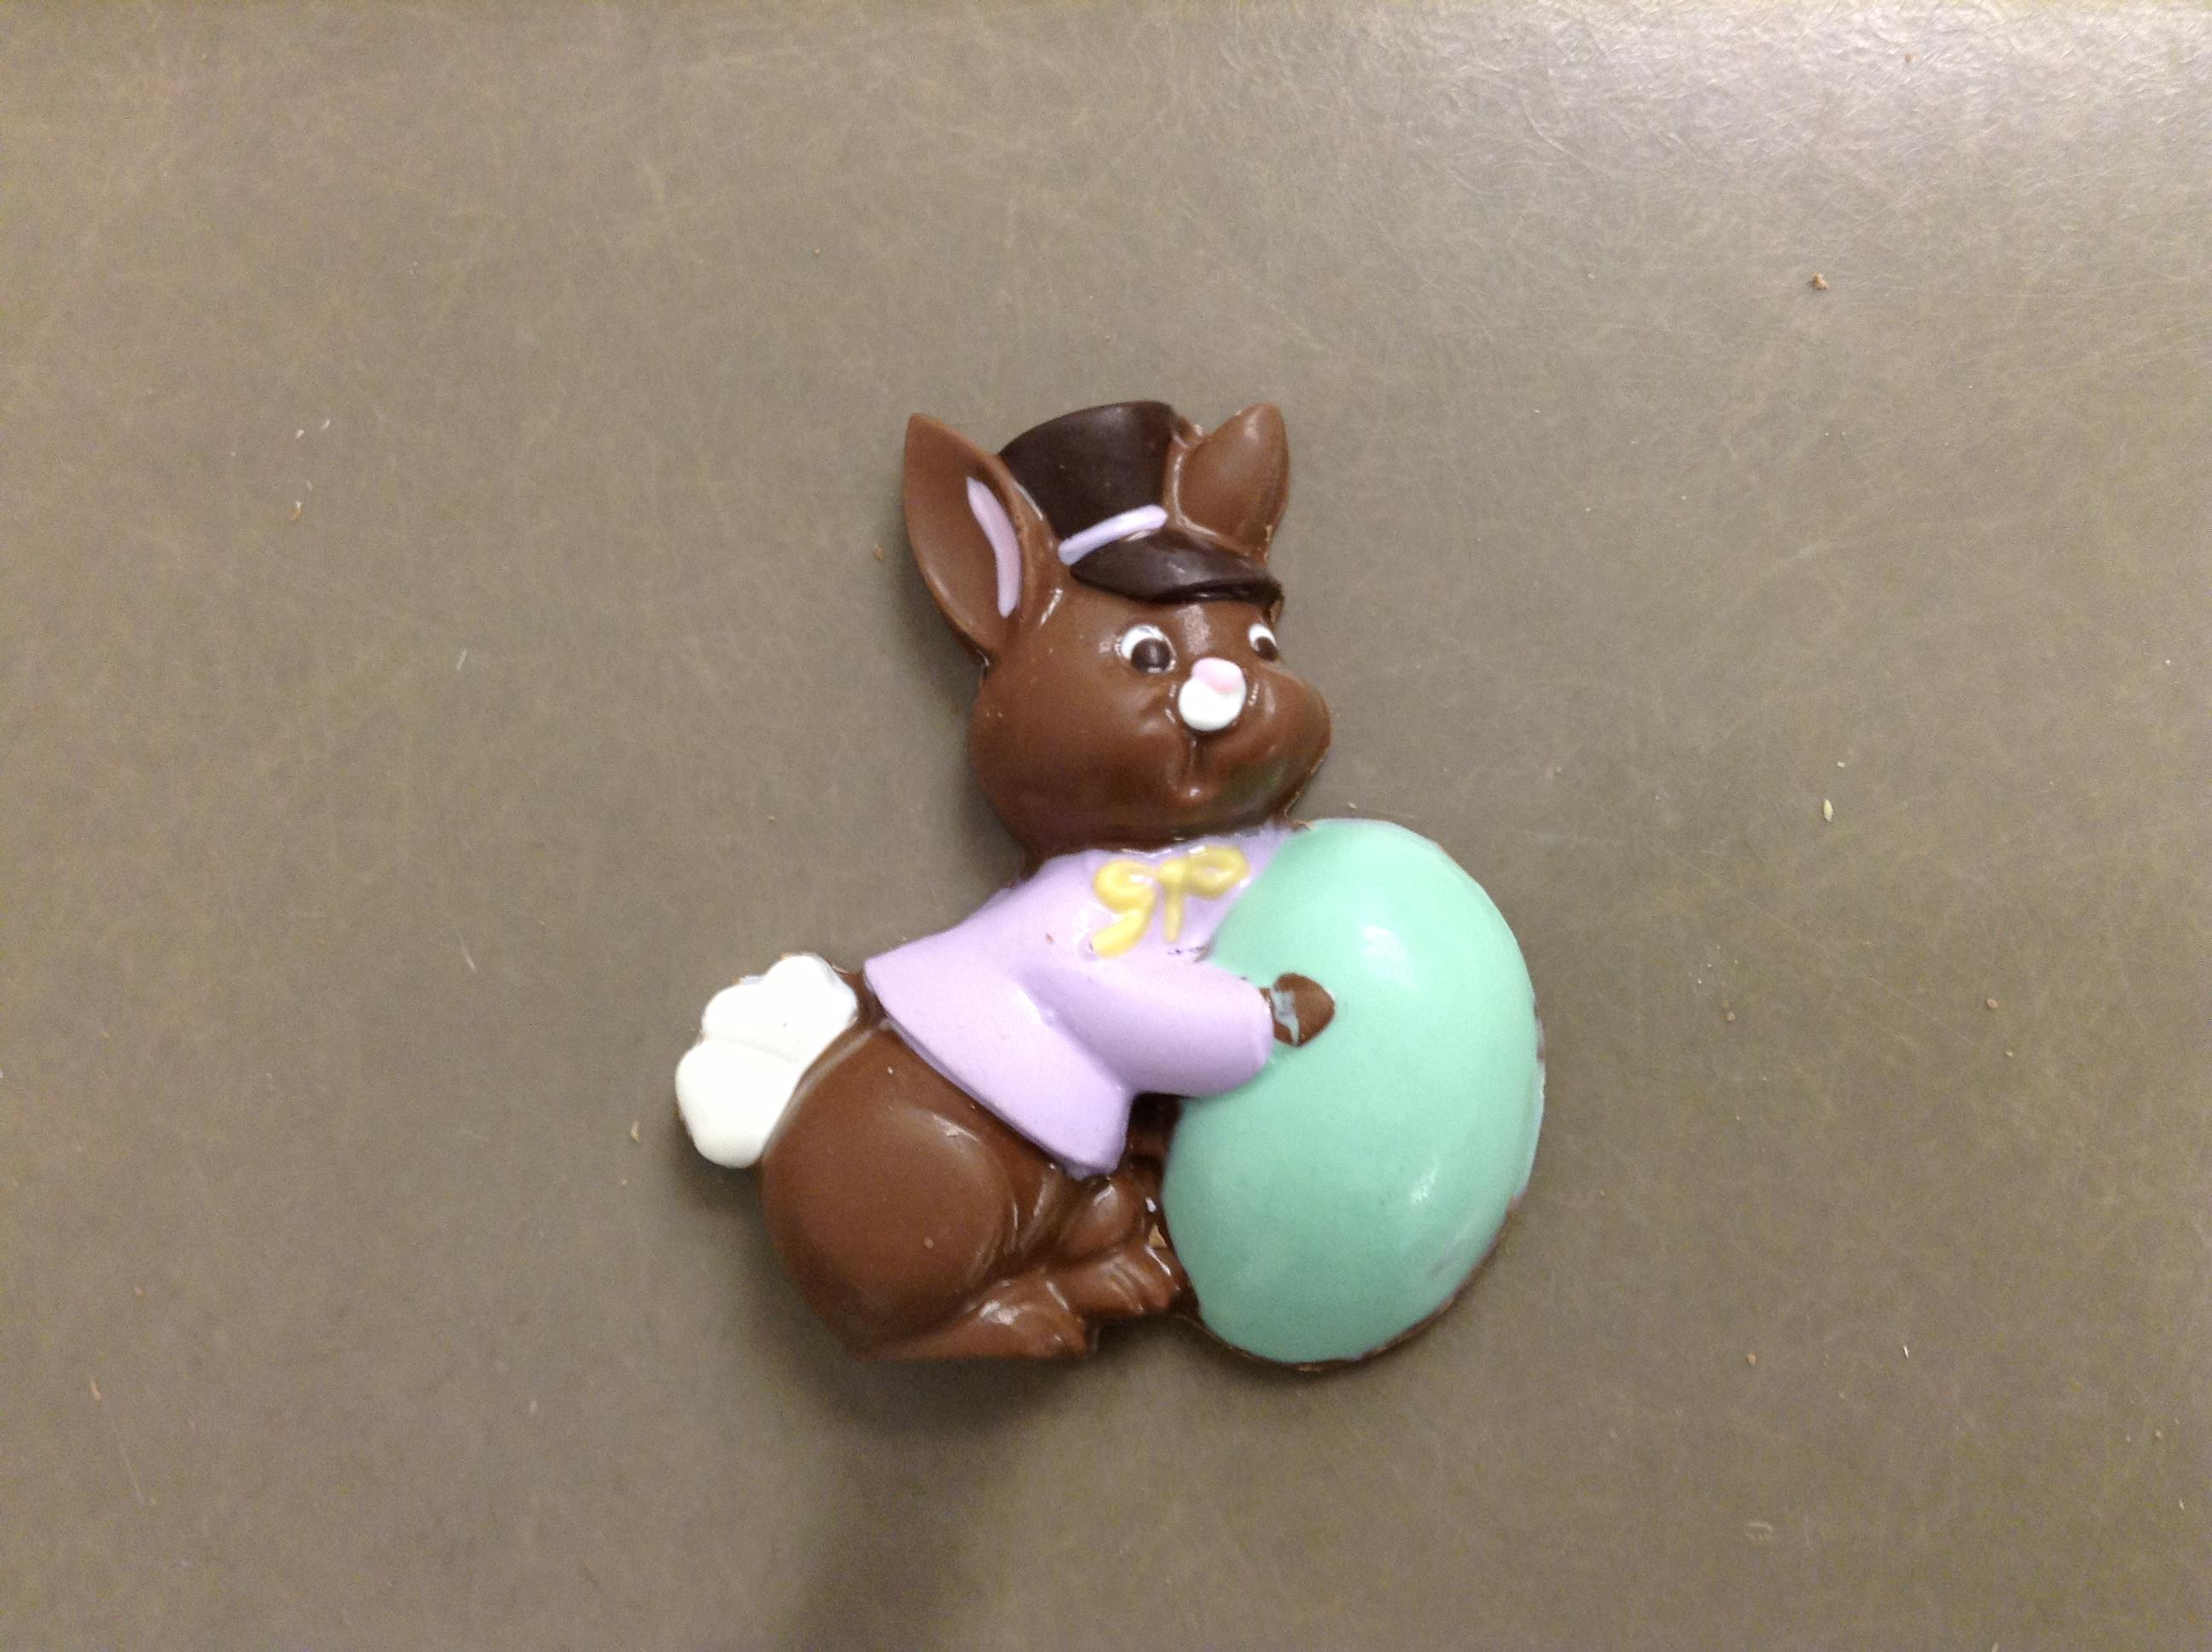 Bunny pushing Egg